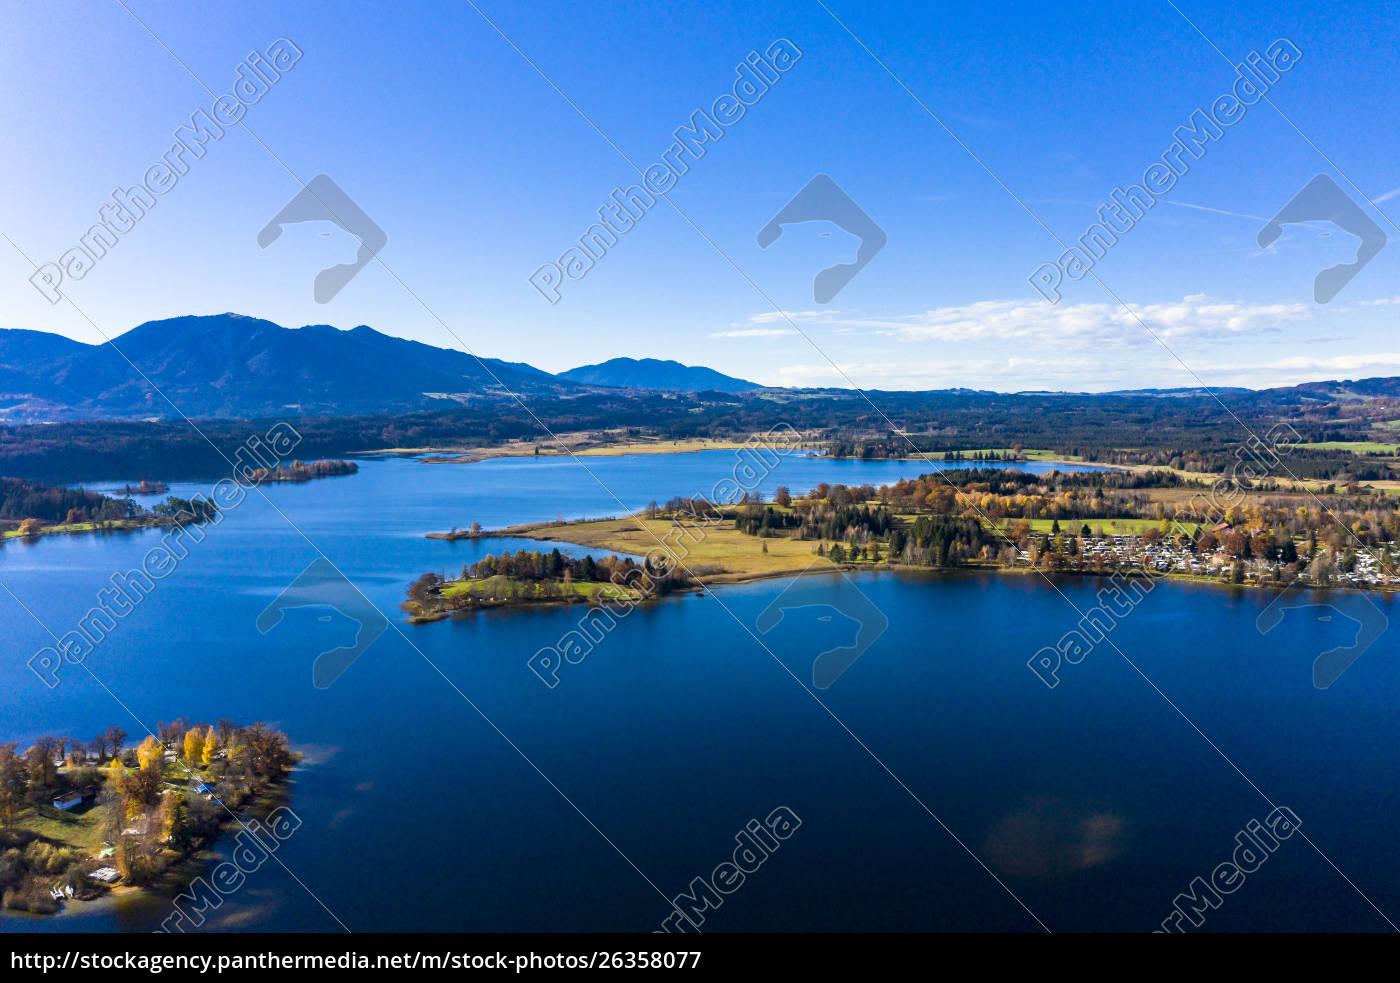 germany, , bavaria, , east, allgaeu, , garmisch-partenkirchen, district, - 26358077